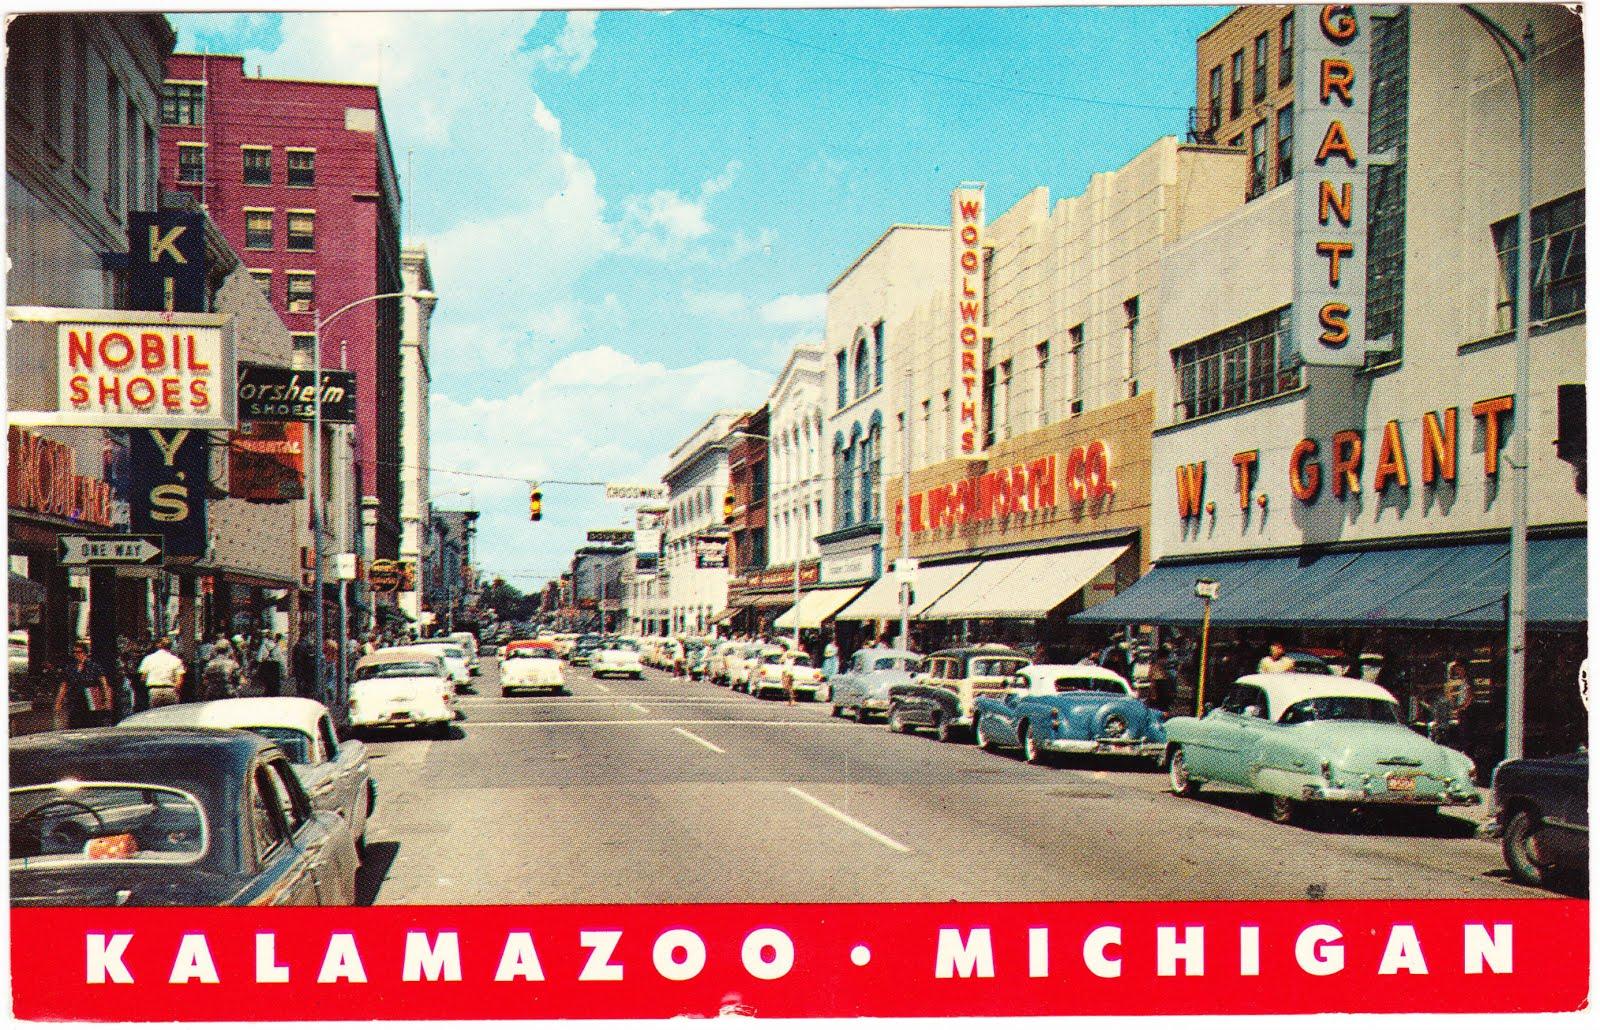 Barber Shop Kalamazoo : ... stuff to look at in this vintage snapshot of Kalamazoo, Michigan . 3